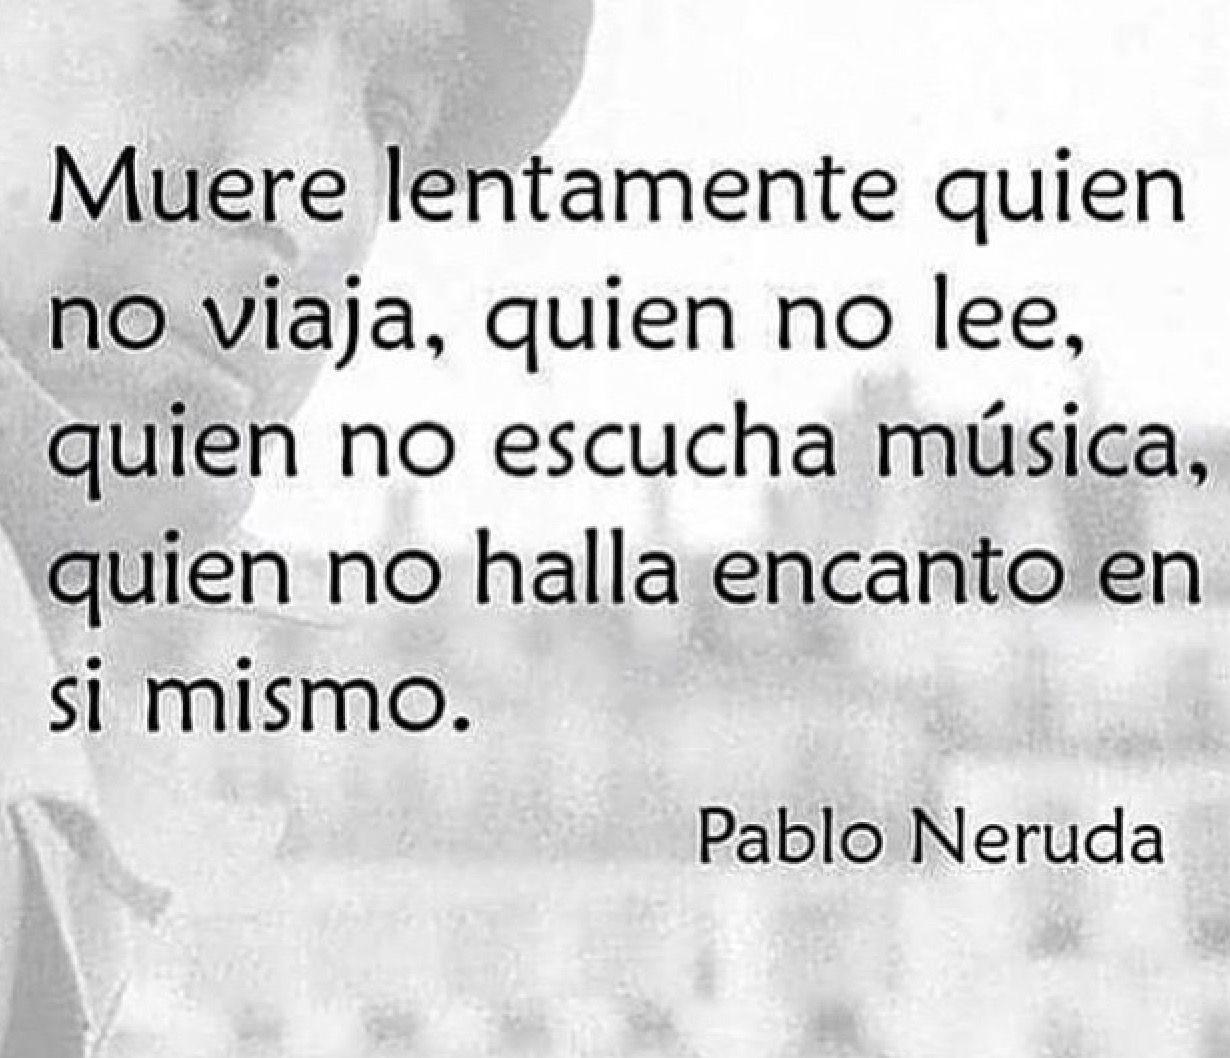 Pensamientos Positivos Frases Pensamientos El Alma Para Otros Libertad Amor Pablo Neruda Citas Del Espa±ol